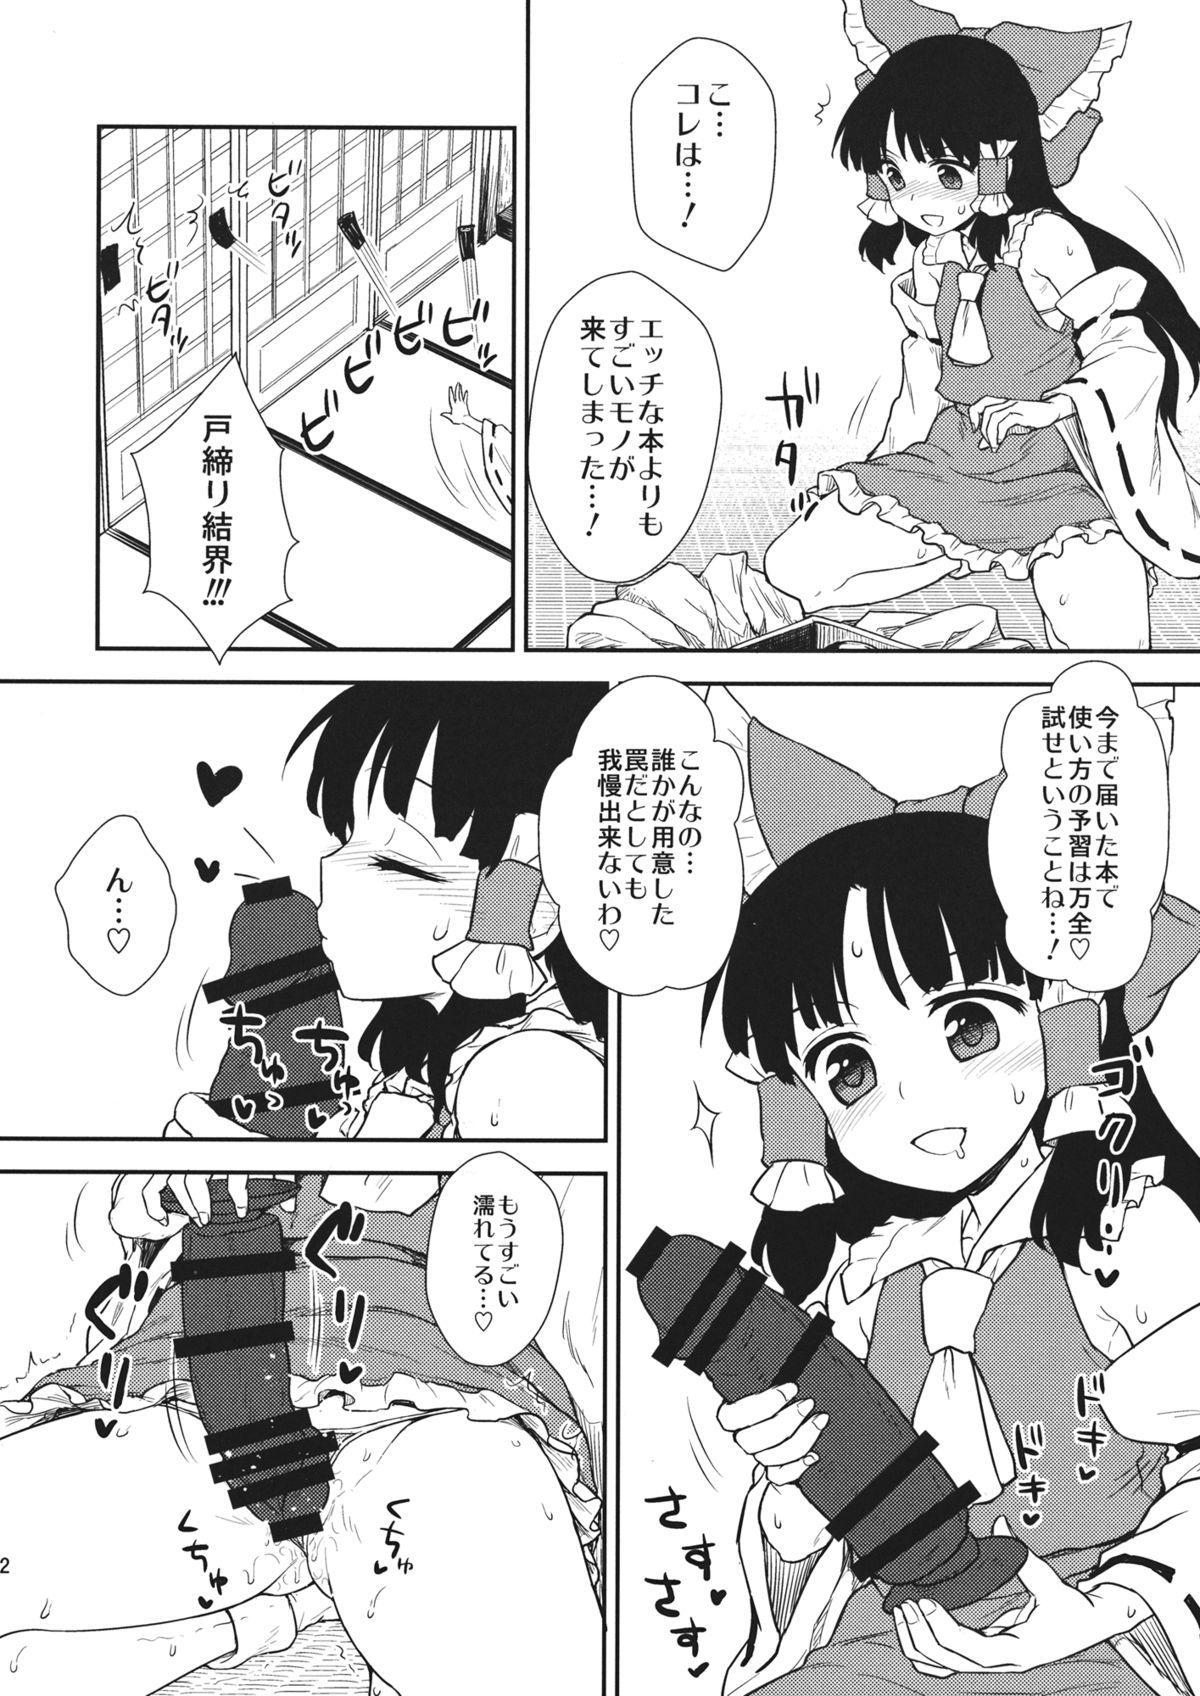 Otoshigoro no Reimu-san 20